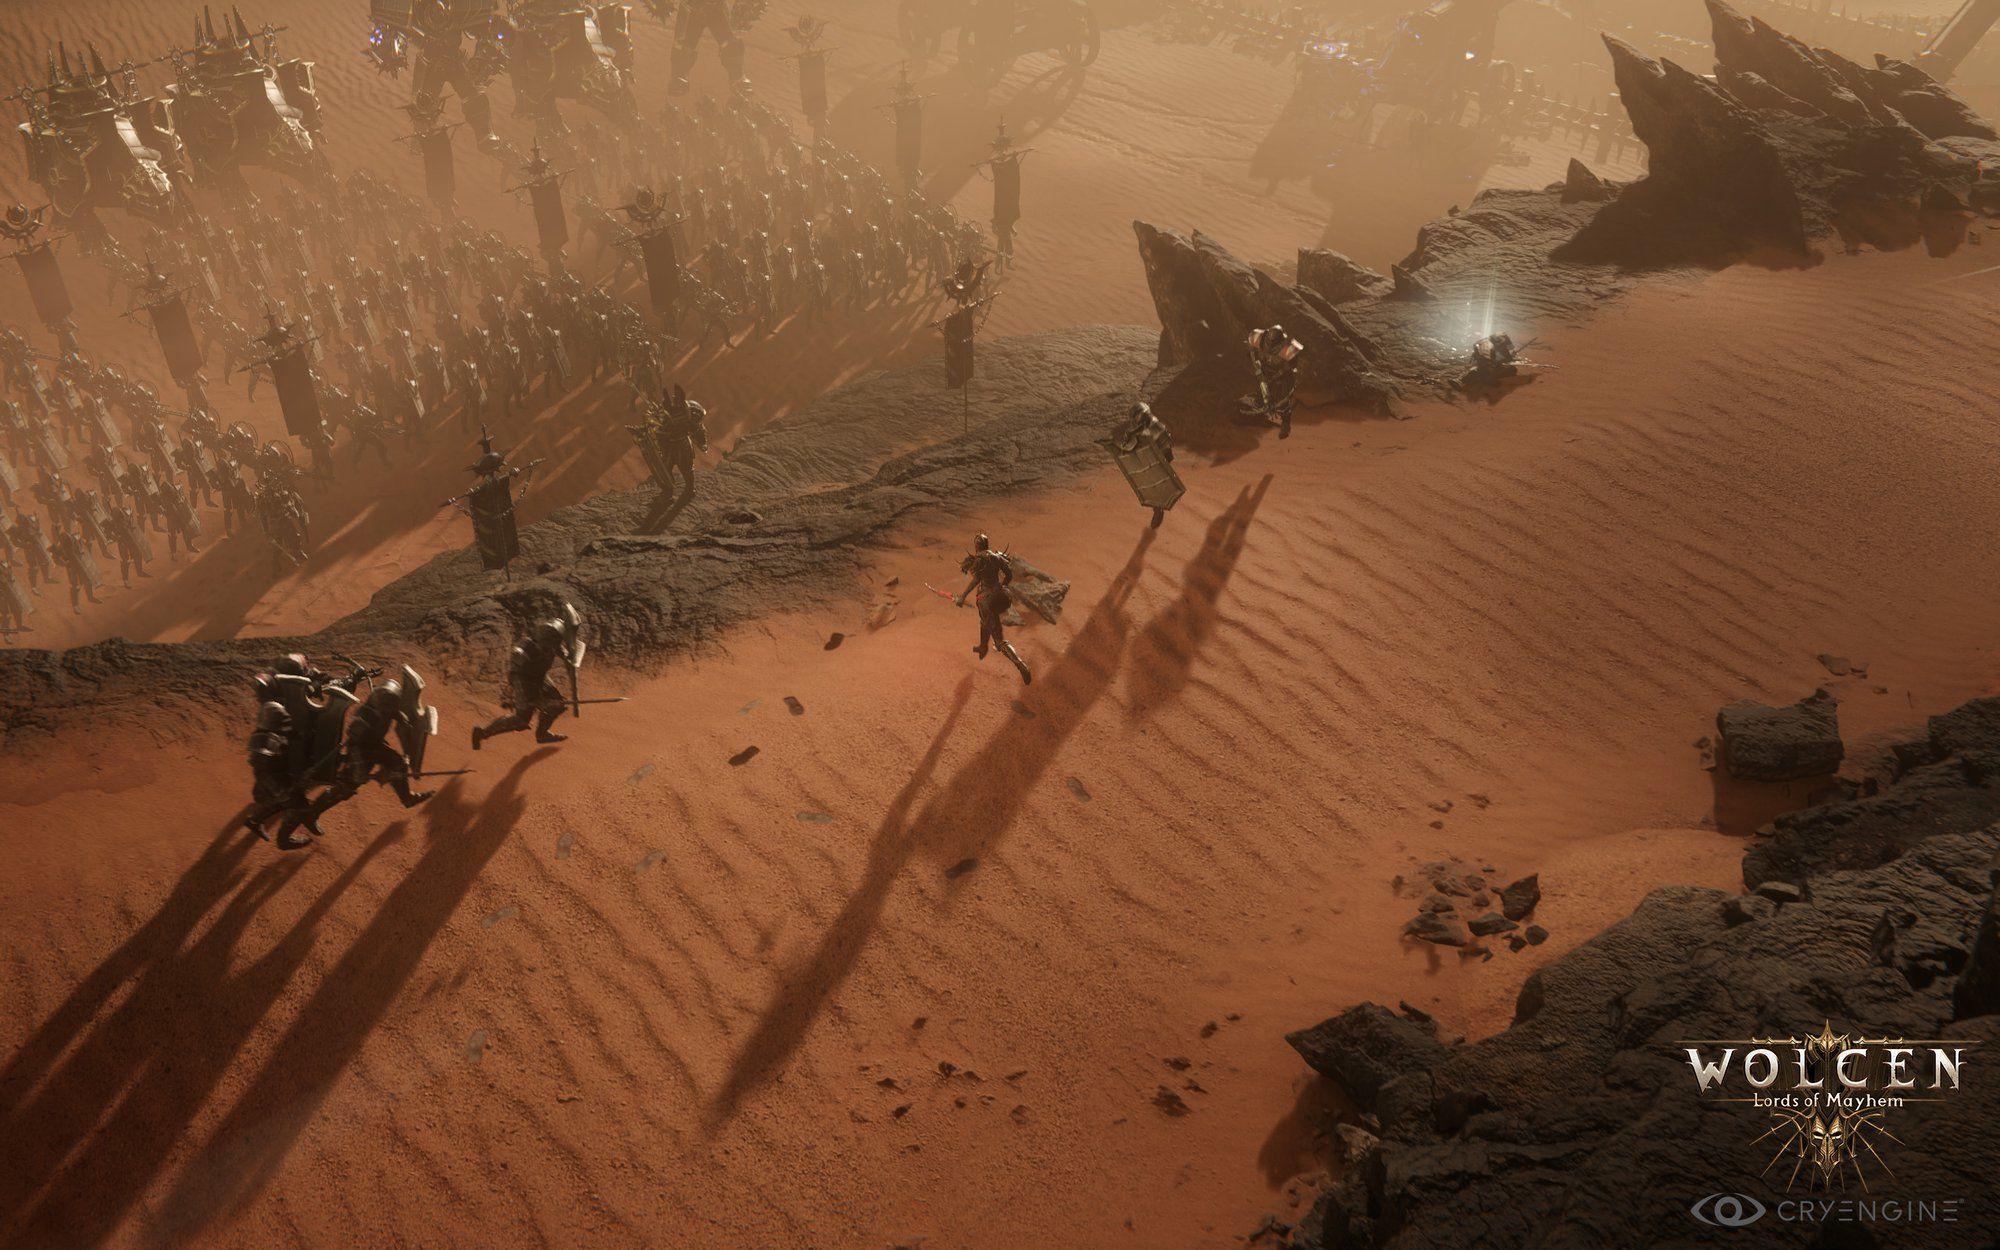 Wolcen: Lords of Mayhem çıkışından kısa süre sonra 127,000 anlık oyuncuya ulaştı